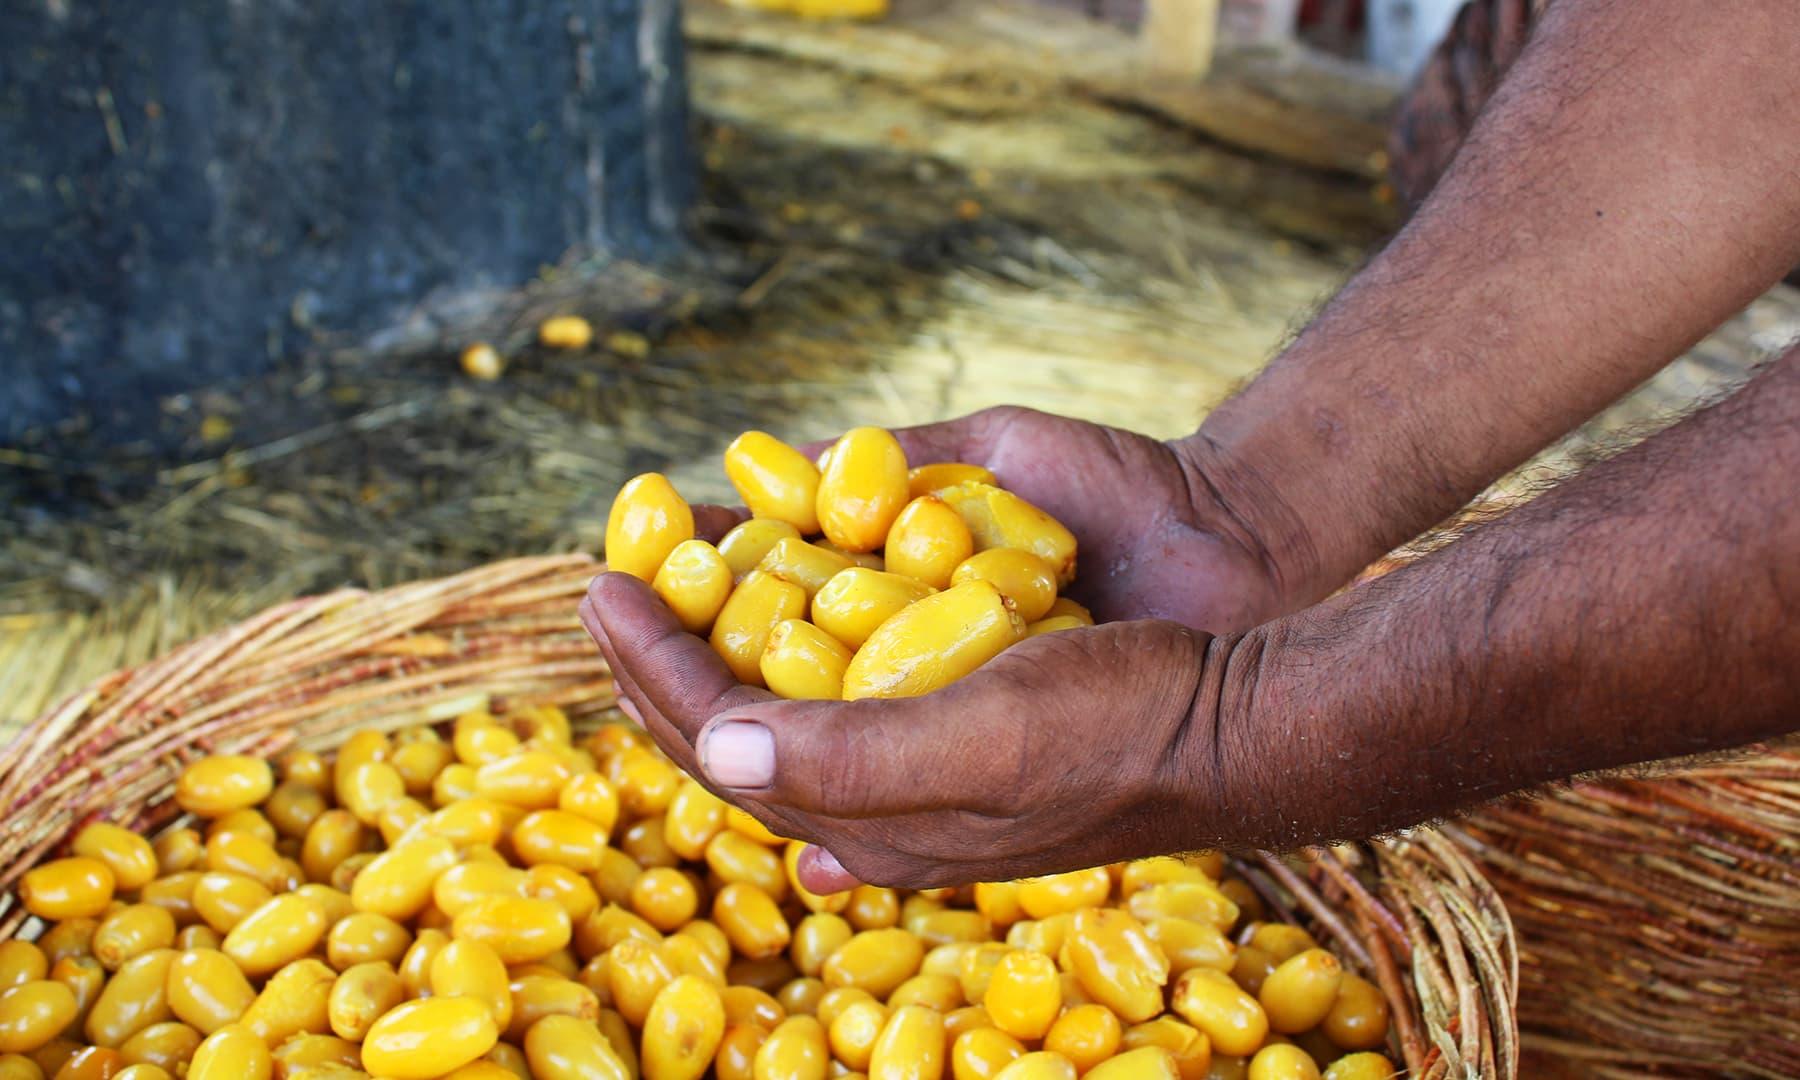 کھجور کی فصل مزدوروں کے لیے روزگار کے مواقع کرتی ہے — تصویر اختر حفیظ